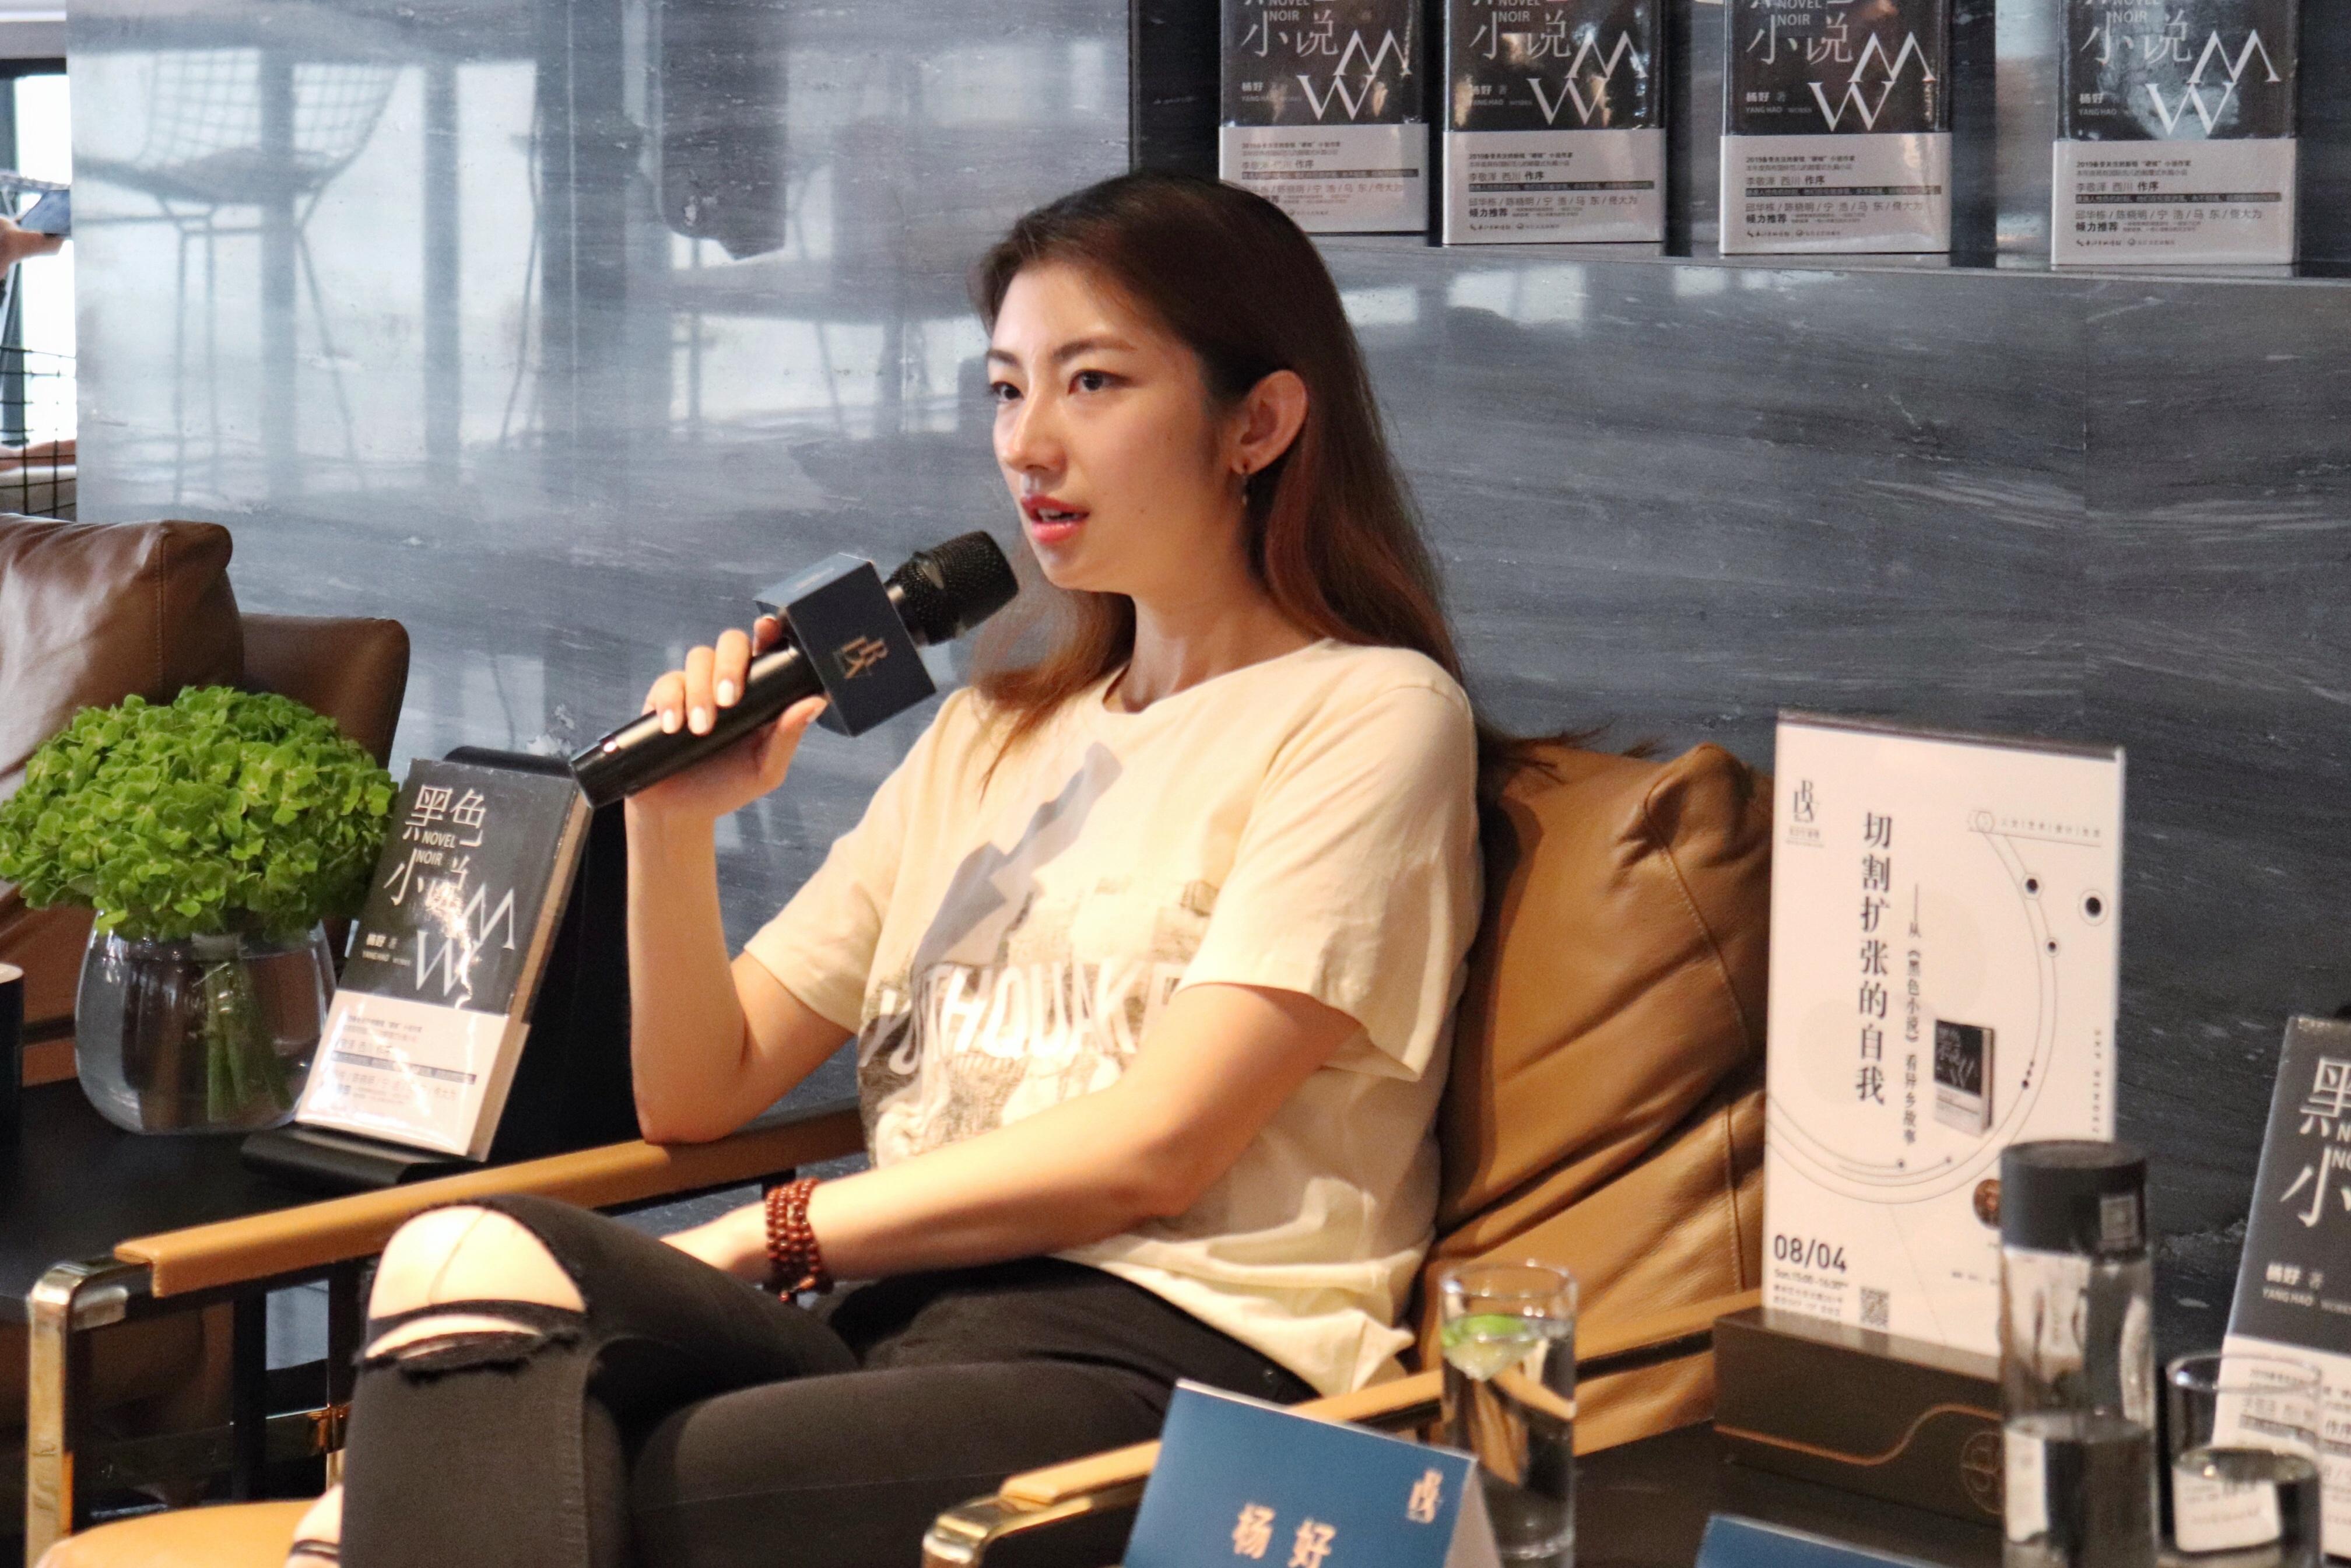 两位女文艺新锐古城对谈杨好、焦华静分享文艺多元话题